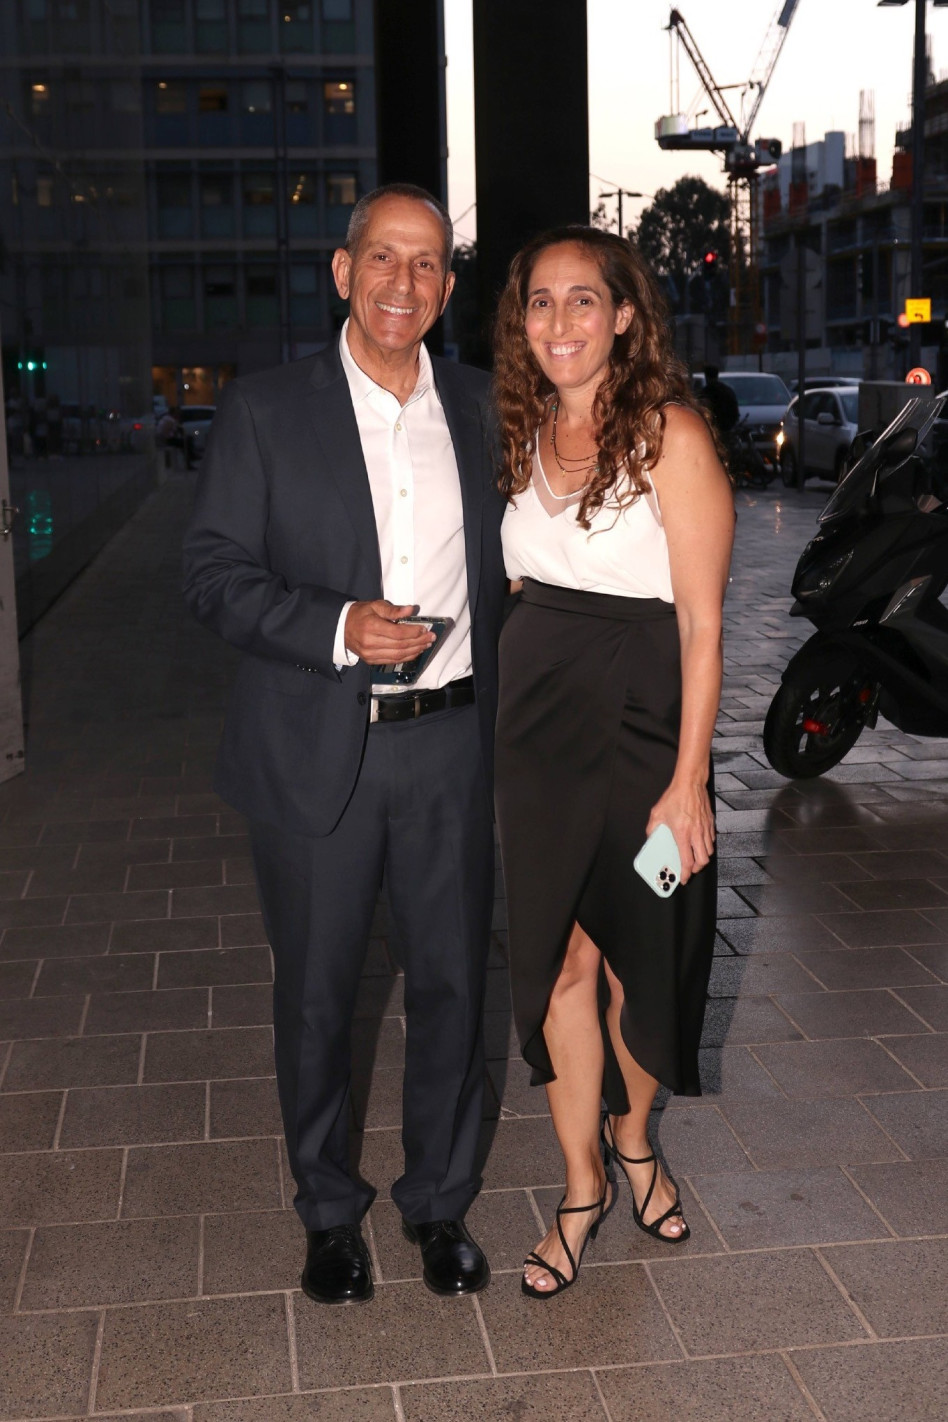 מאיה ושמואל האוזר (צילום: אור גפן)